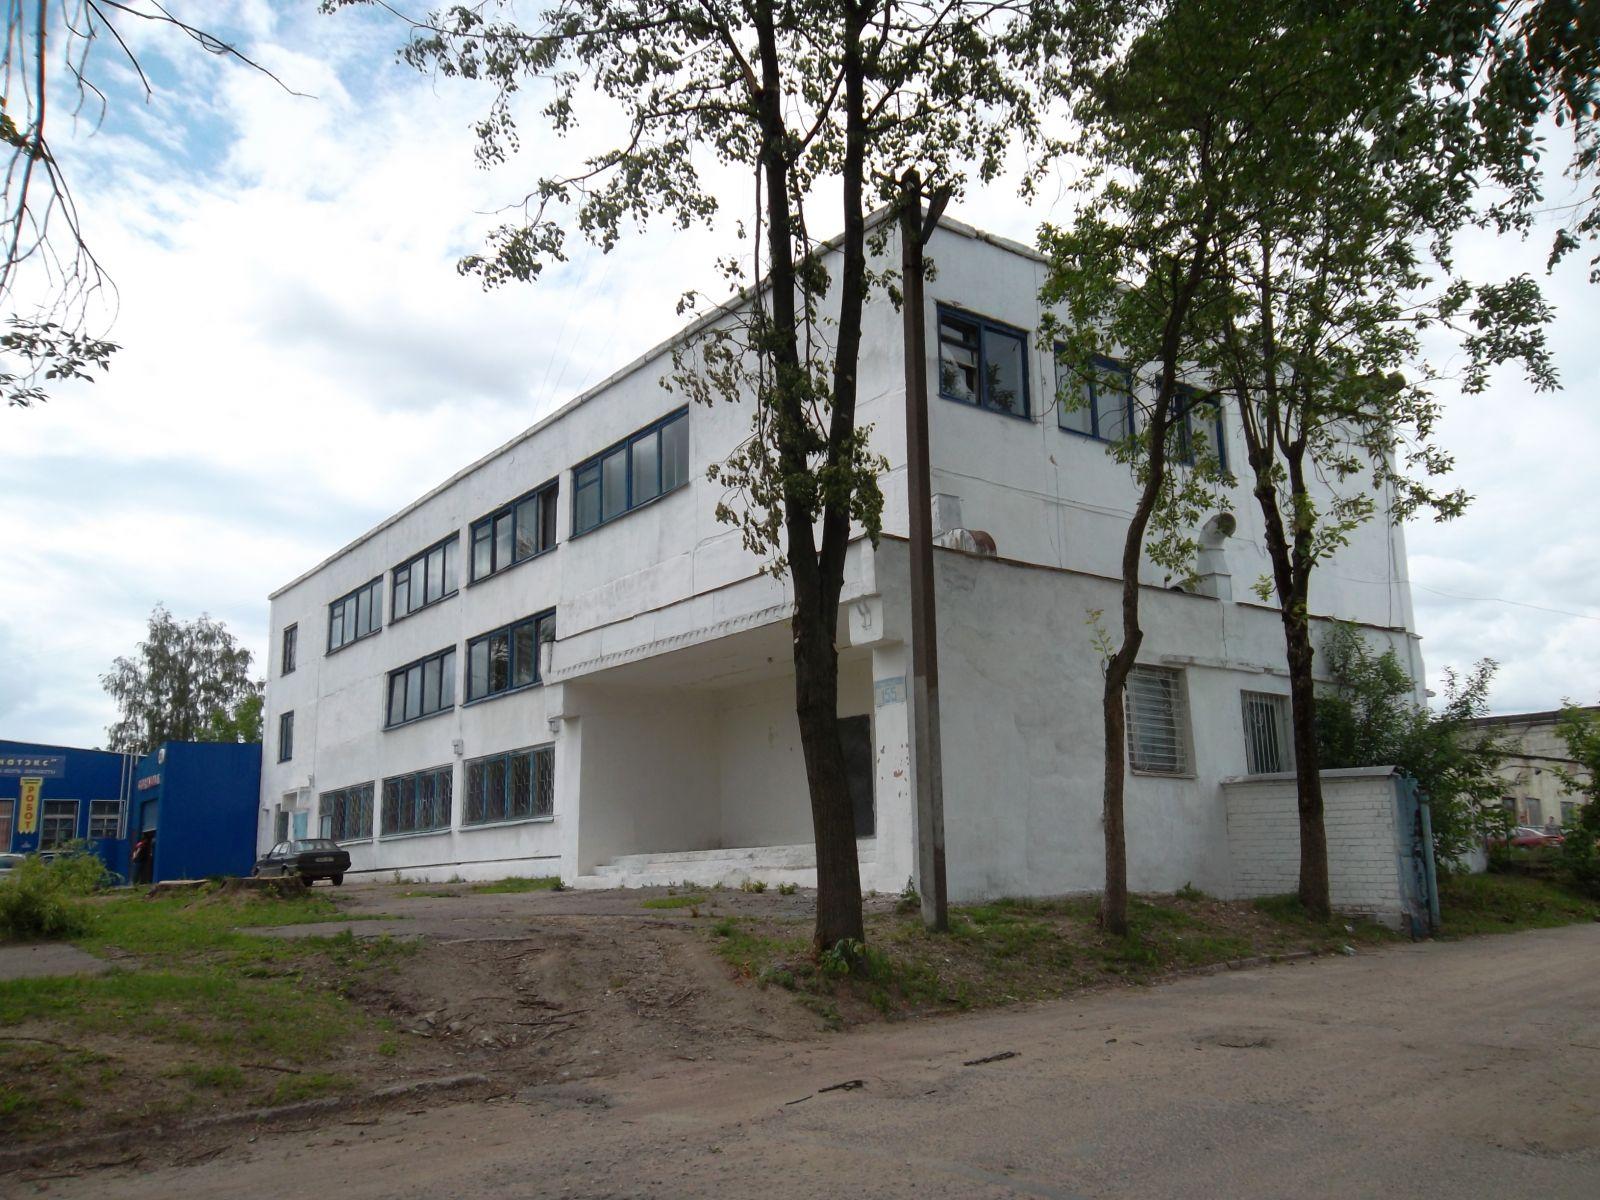 Коммерческая недвижимость г.витебска найти помещение под офис Бибиревская улица